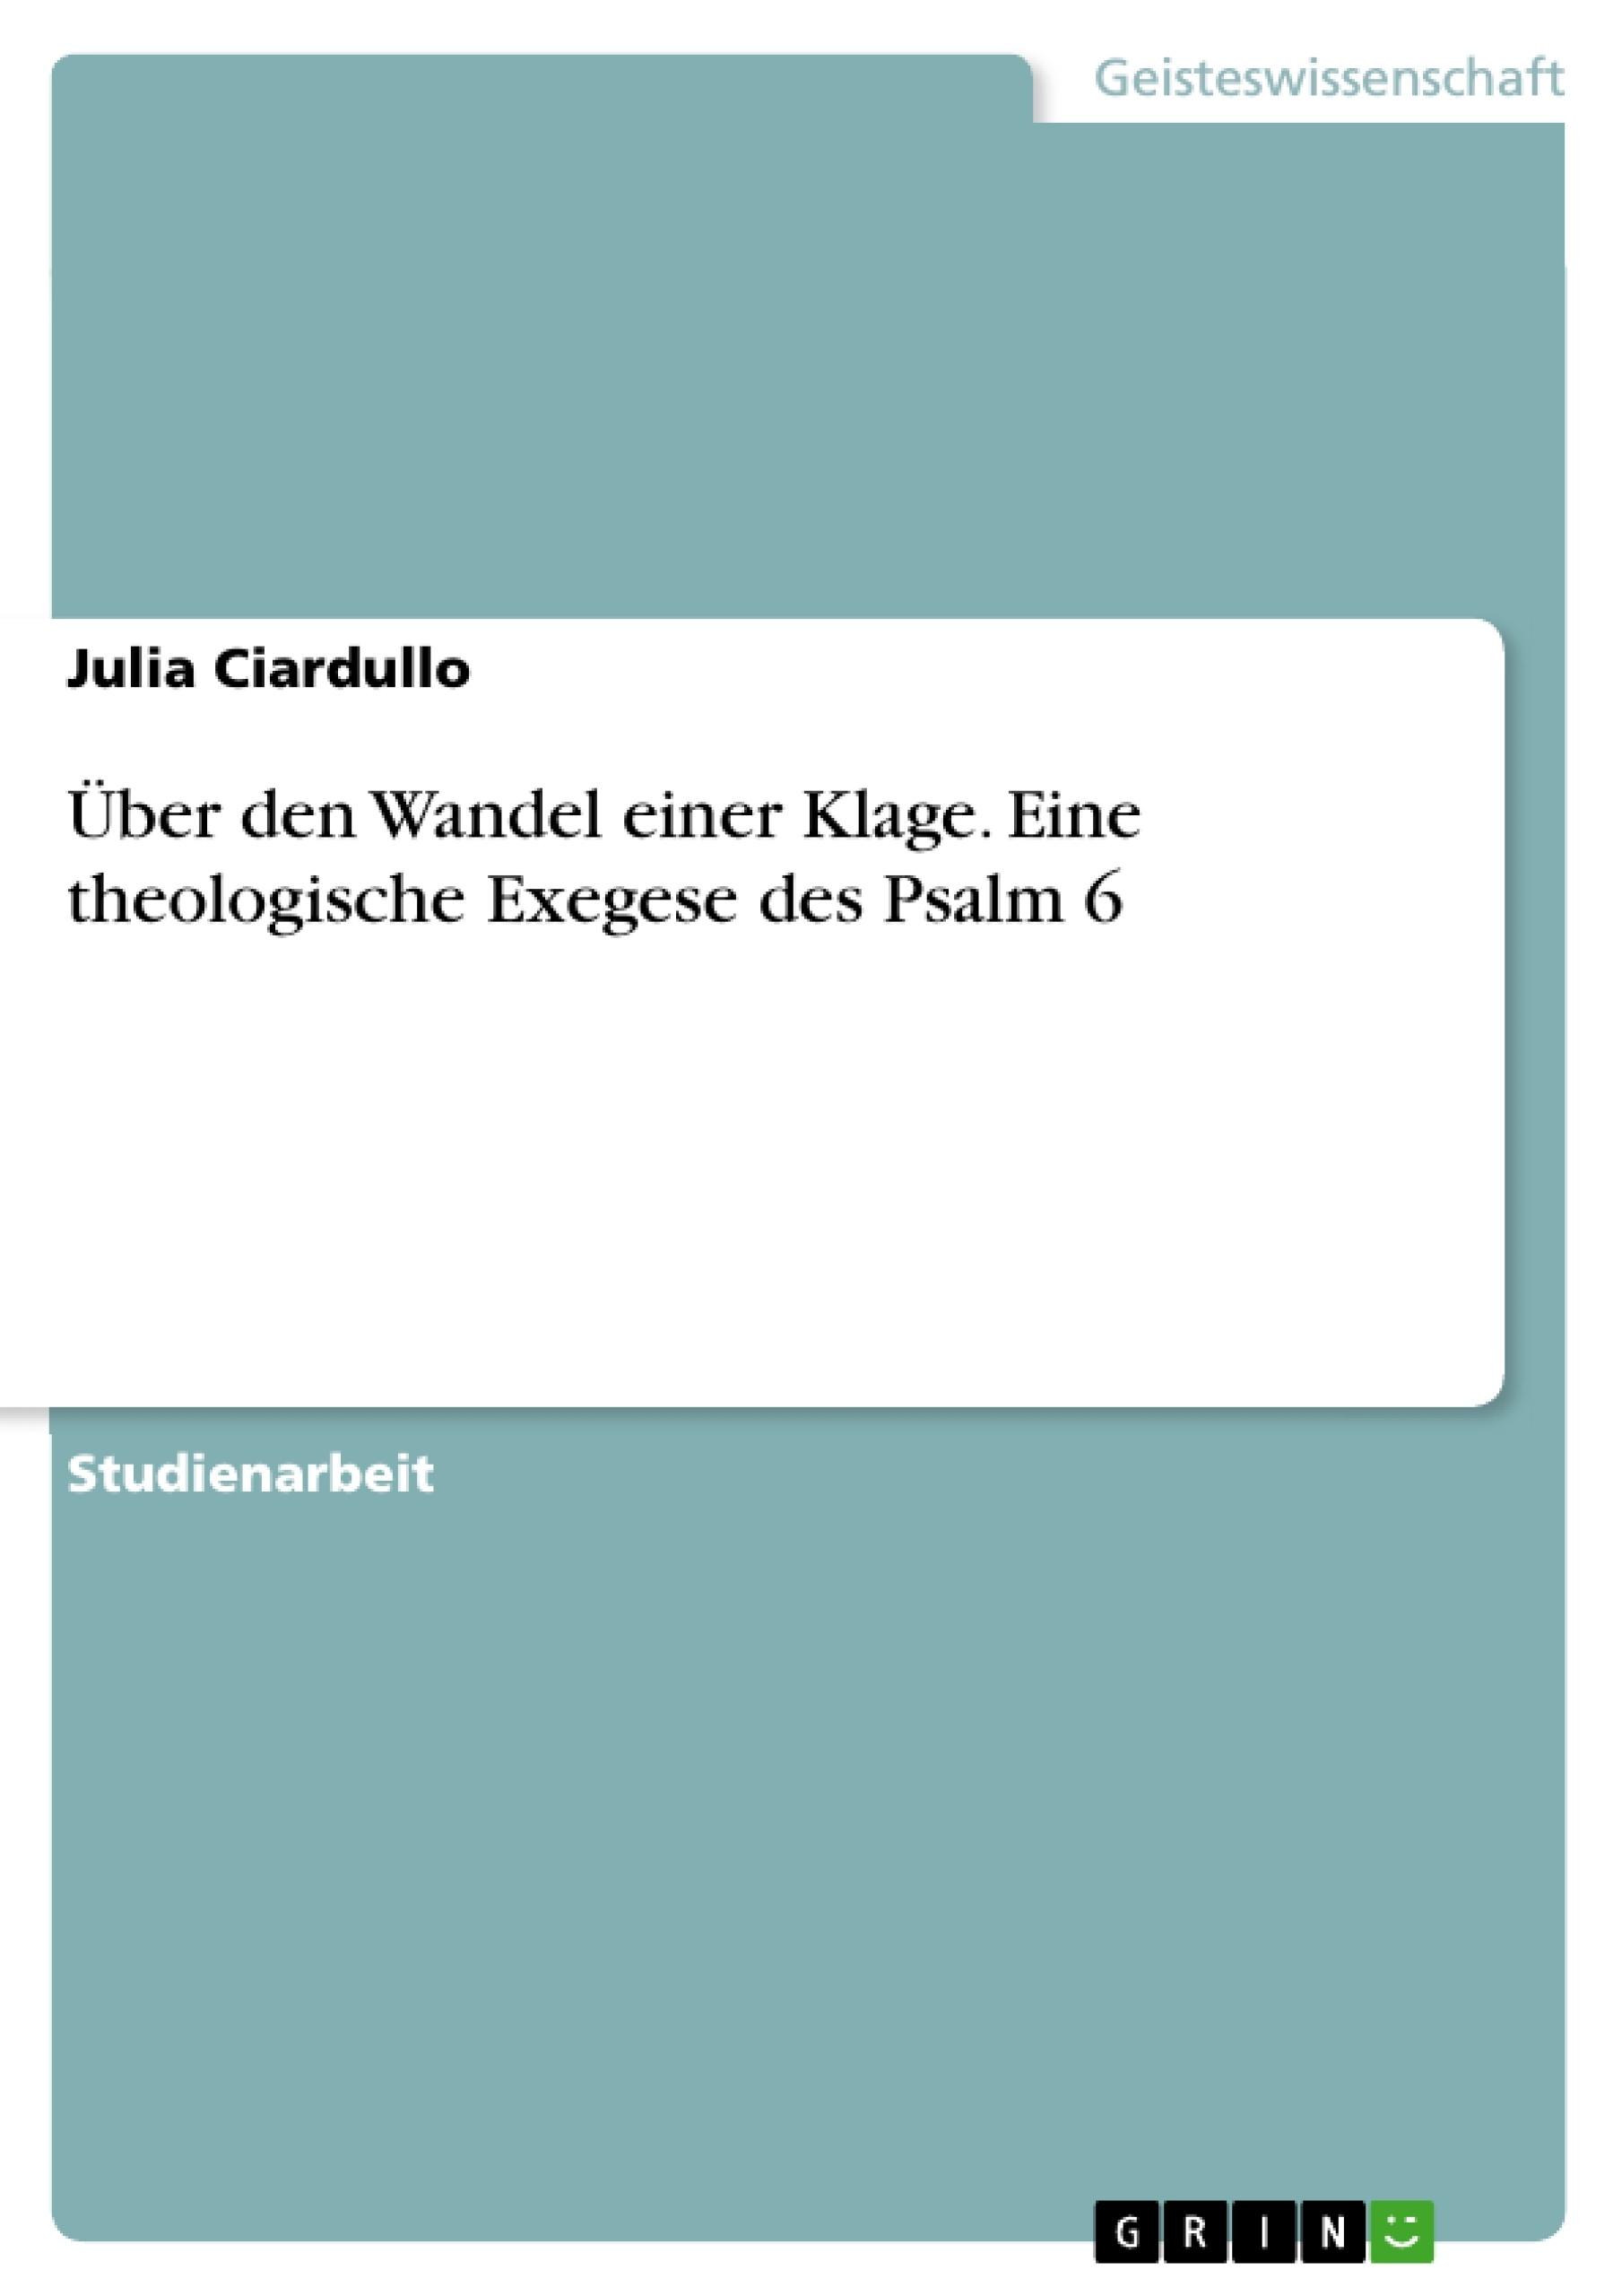 Titel: Über den Wandel einer Klage. Eine theologische Exegese des Psalm 6